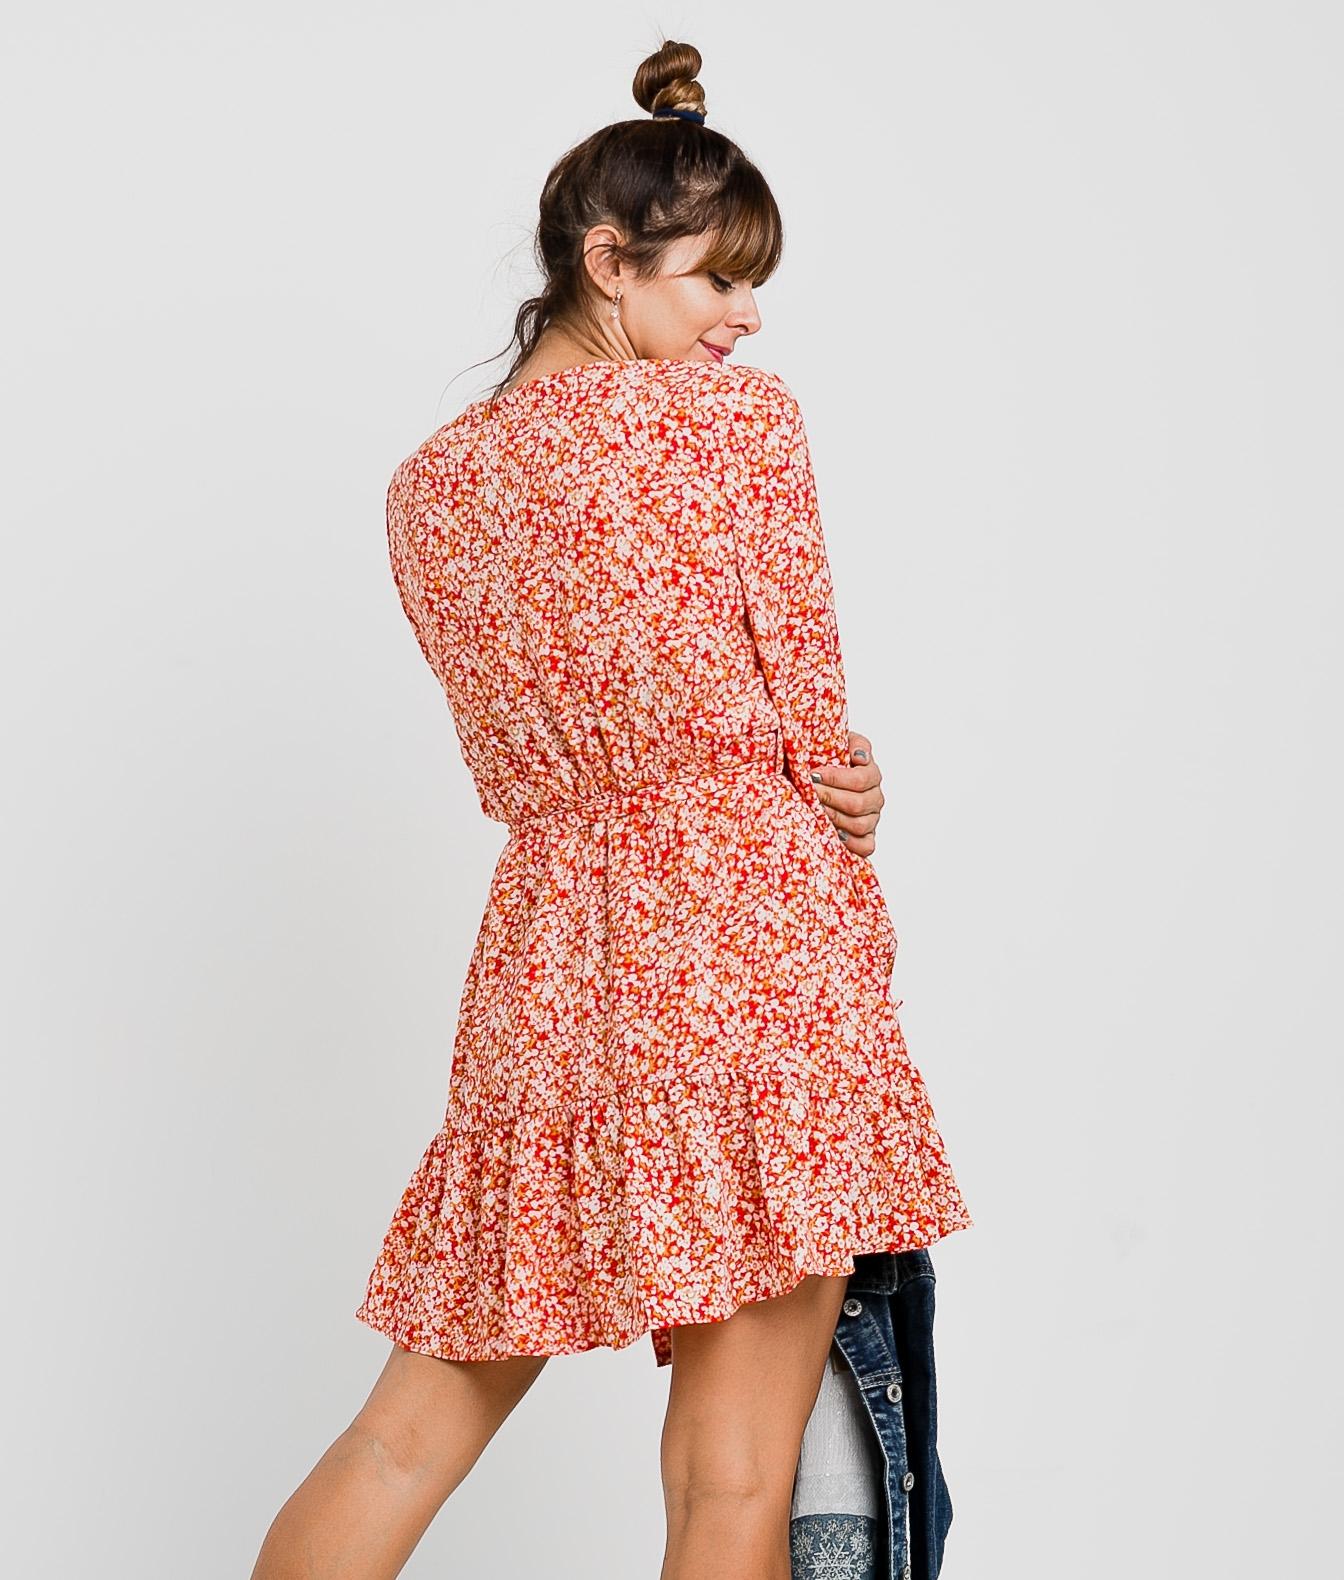 NYMERIA DRESS - RED